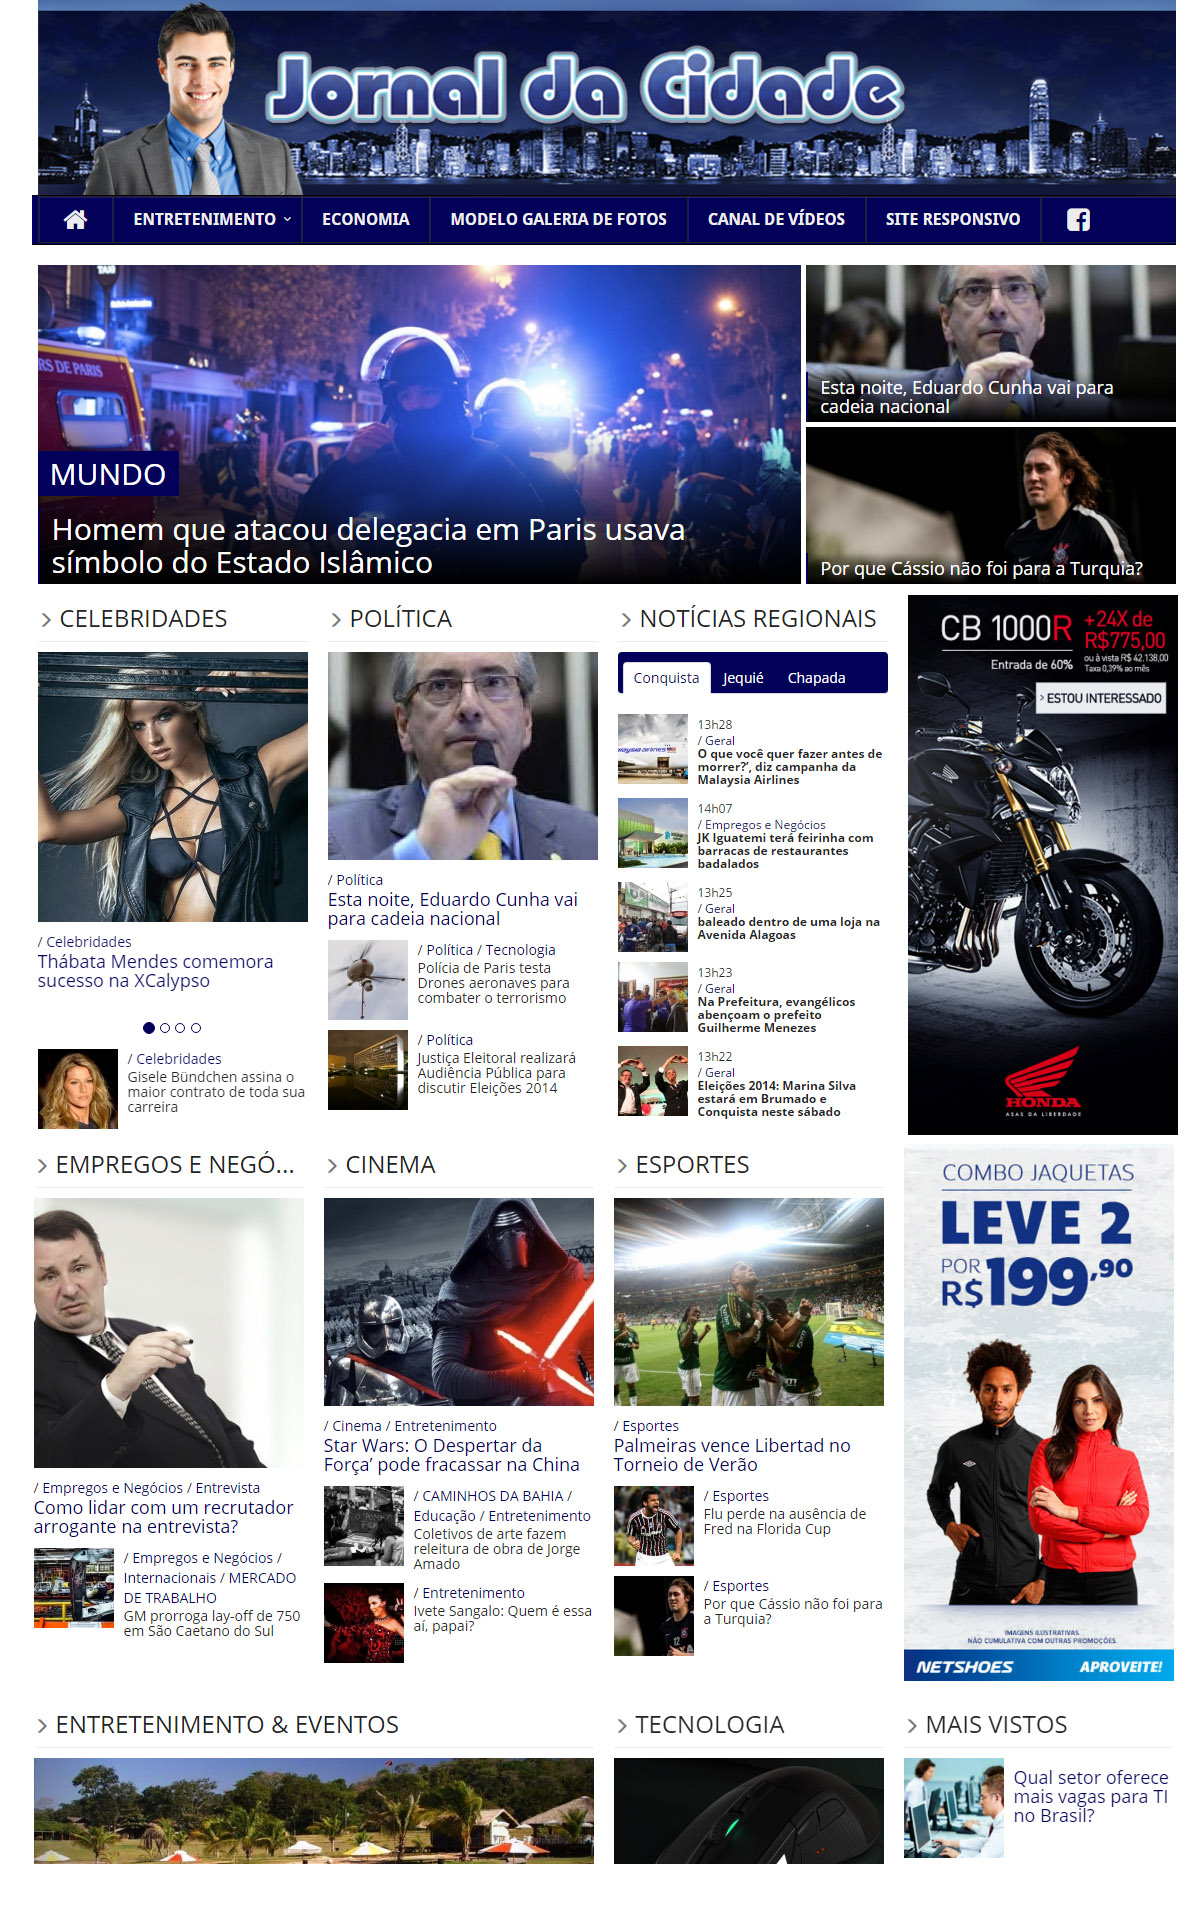 Modelo de site Jornalistico Portal da Cidade.